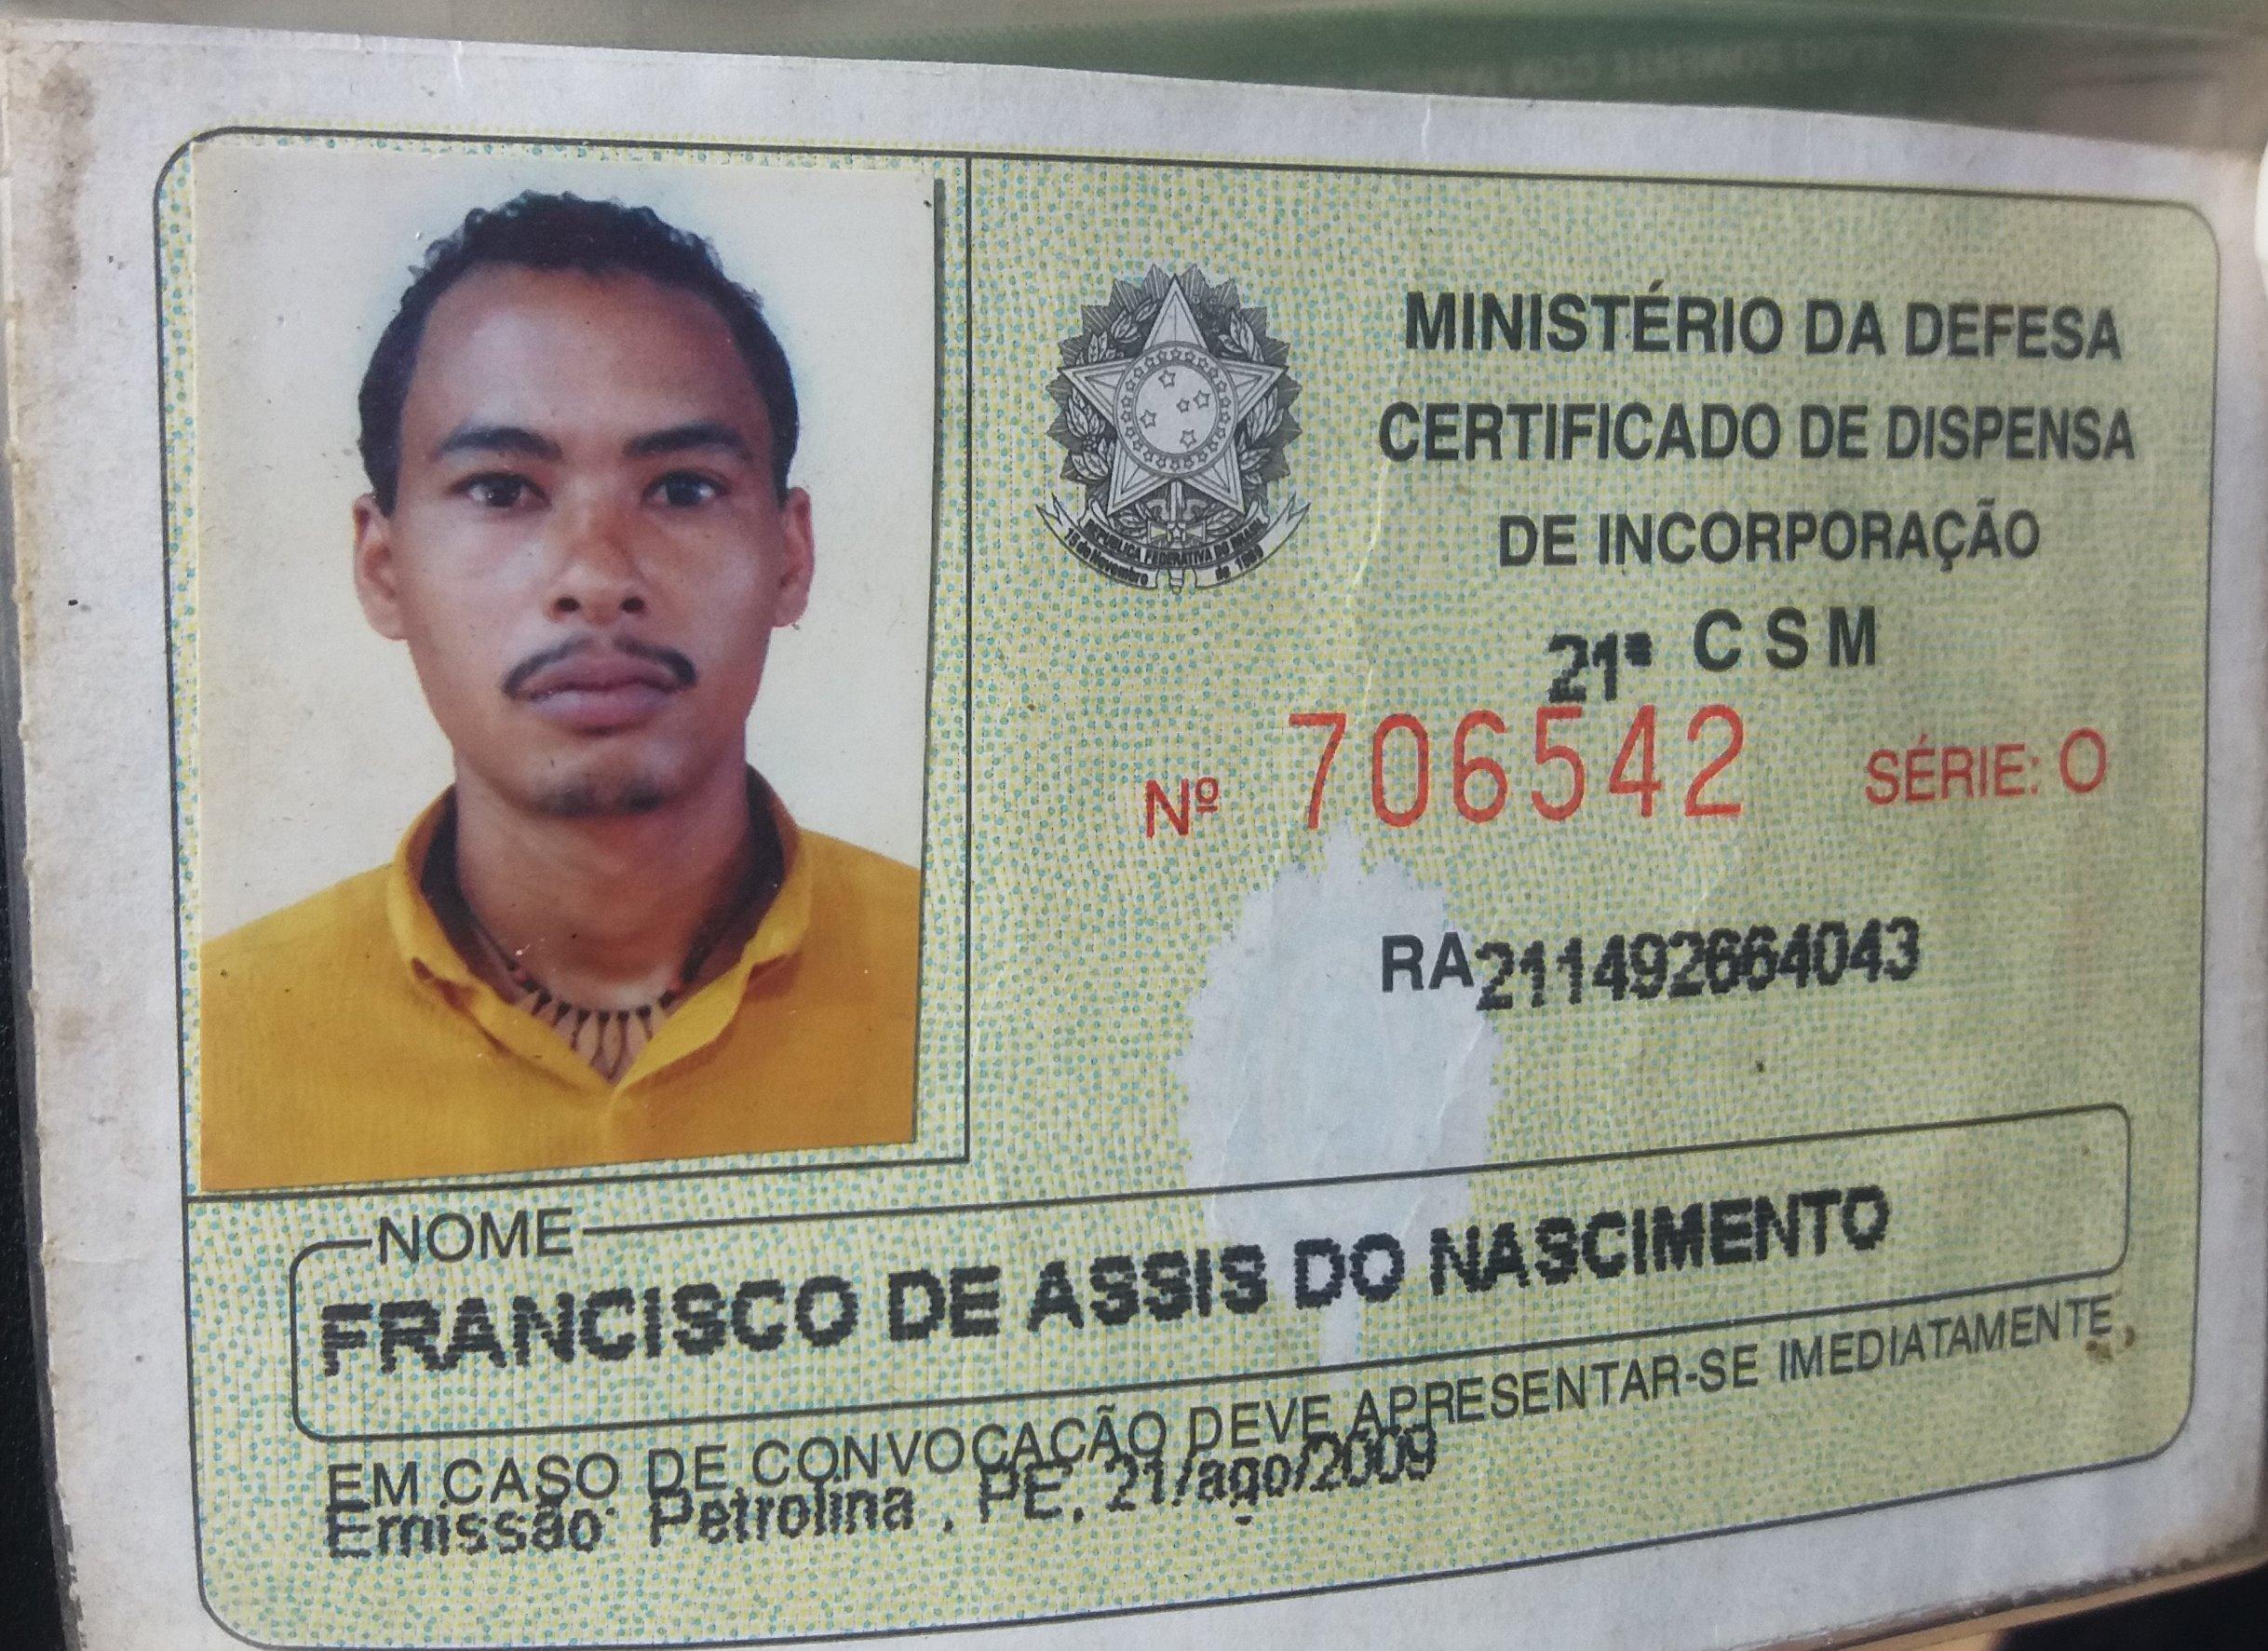 Francisco Perimetral